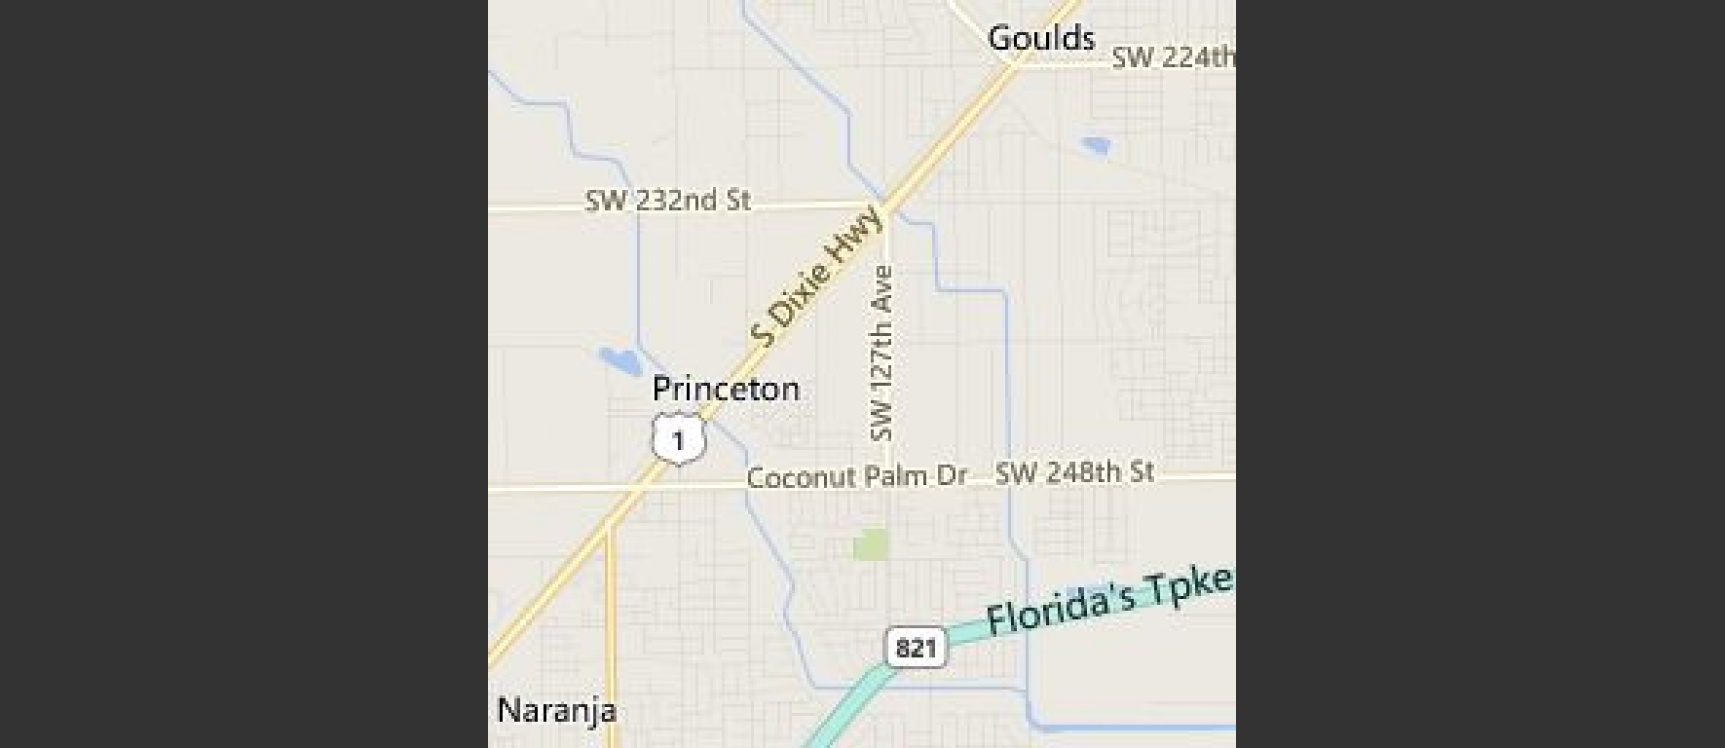 GeoBienes - Casa en Miami- Florida de Venta, Hemingway Point  - Plusvalia Guayaquil Casas de venta y alquiler Inmobiliaria Ecuador